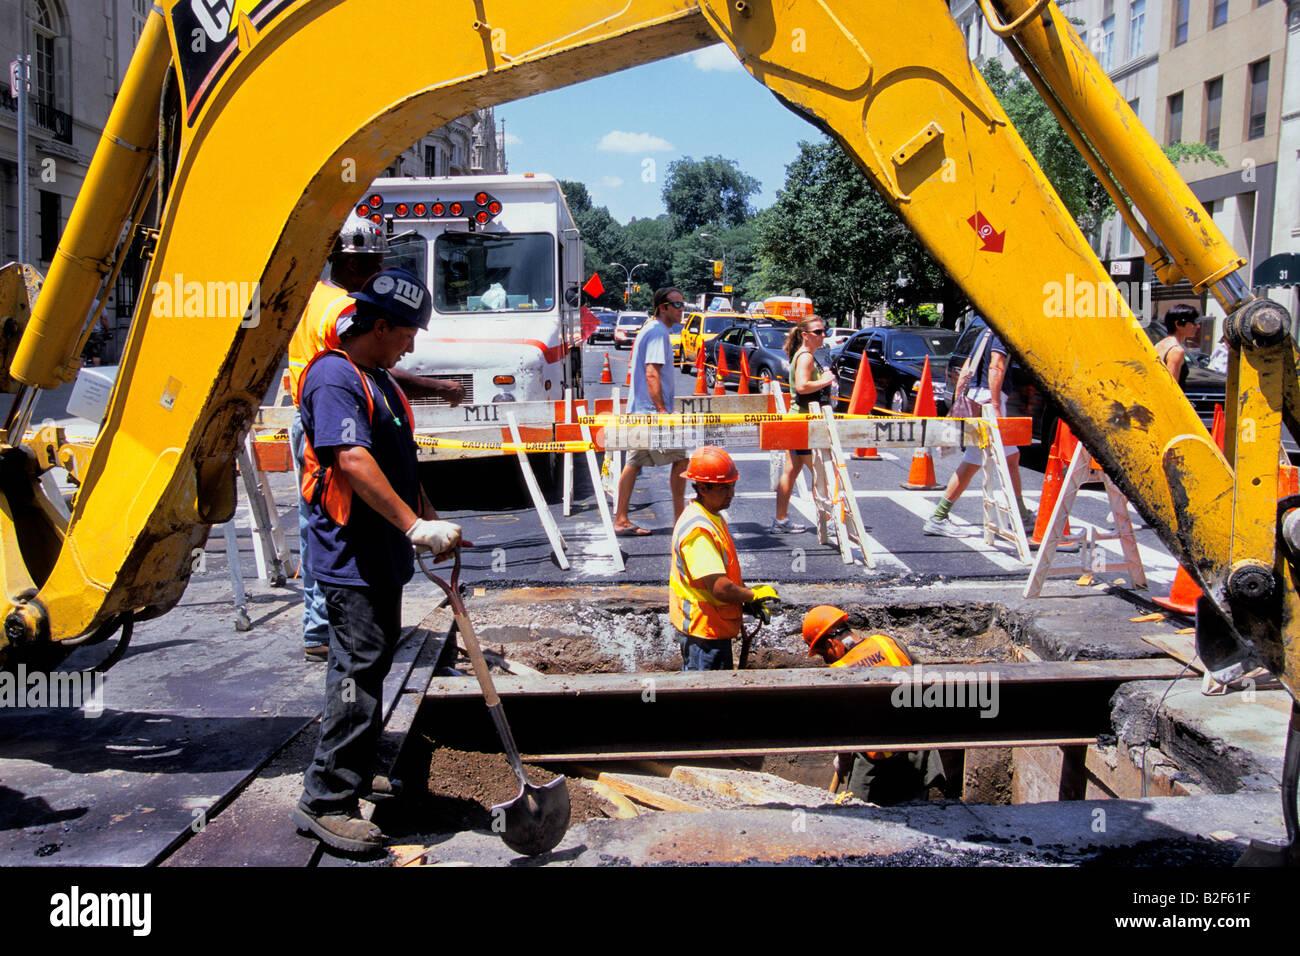 Water Main Repair Stockfotos & Water Main Repair Bilder - Seite 2 ...